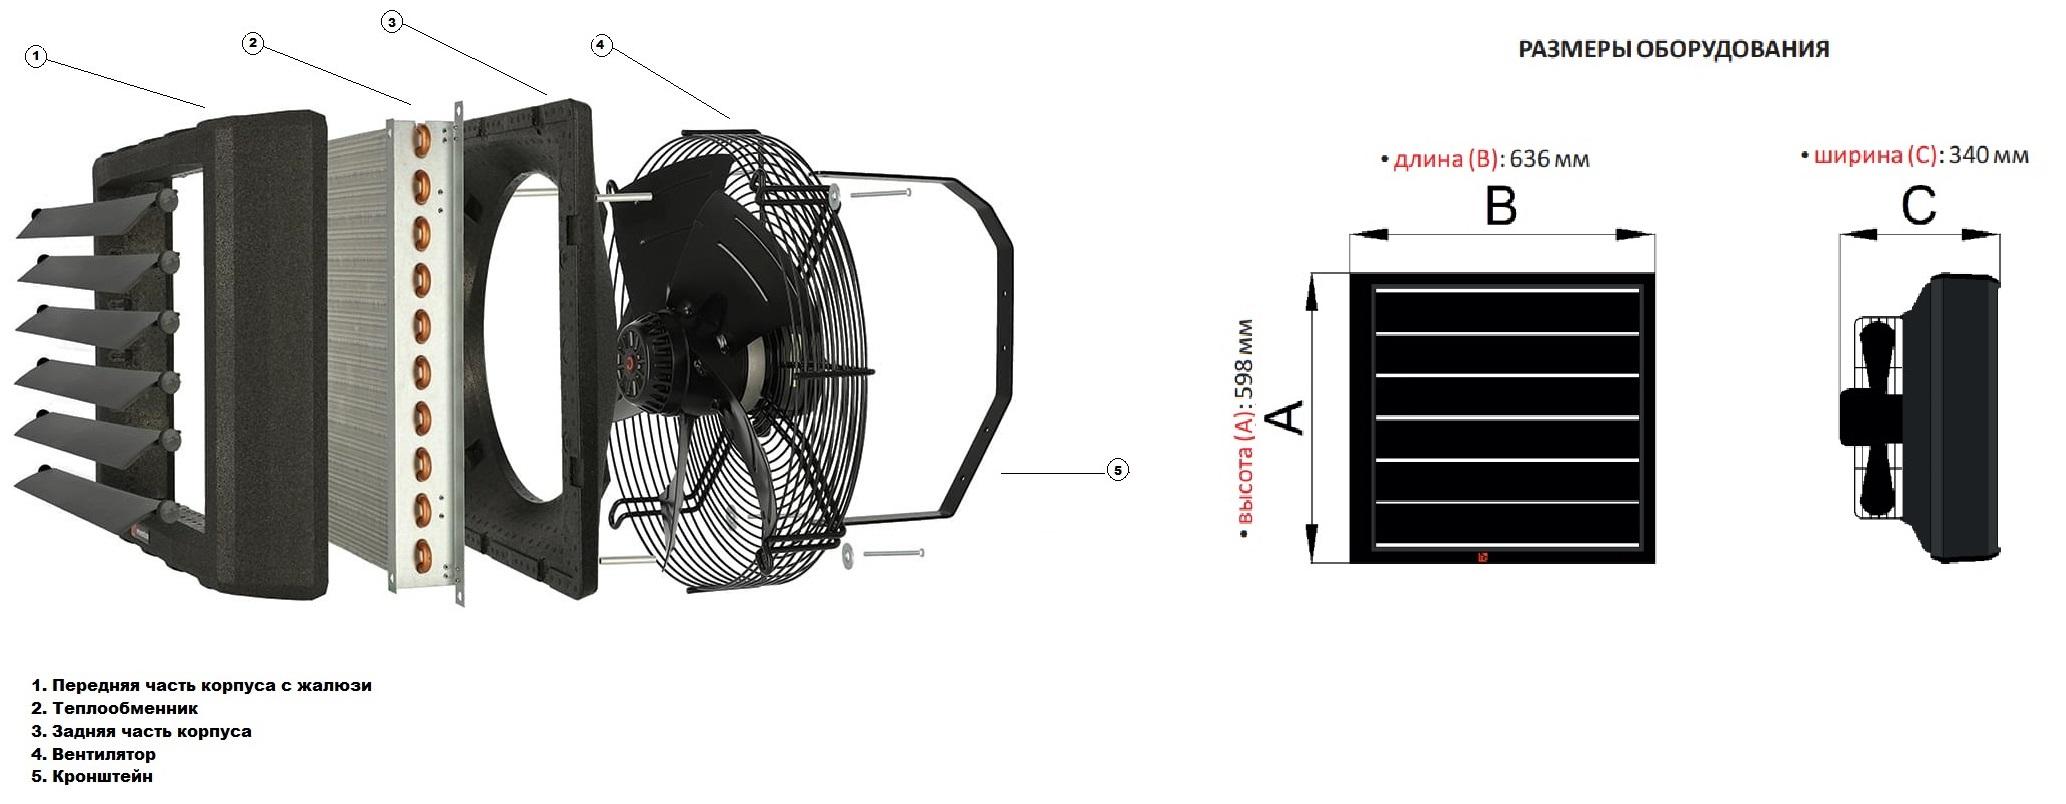 Применение тепловентиляторов: несколько возможных способов